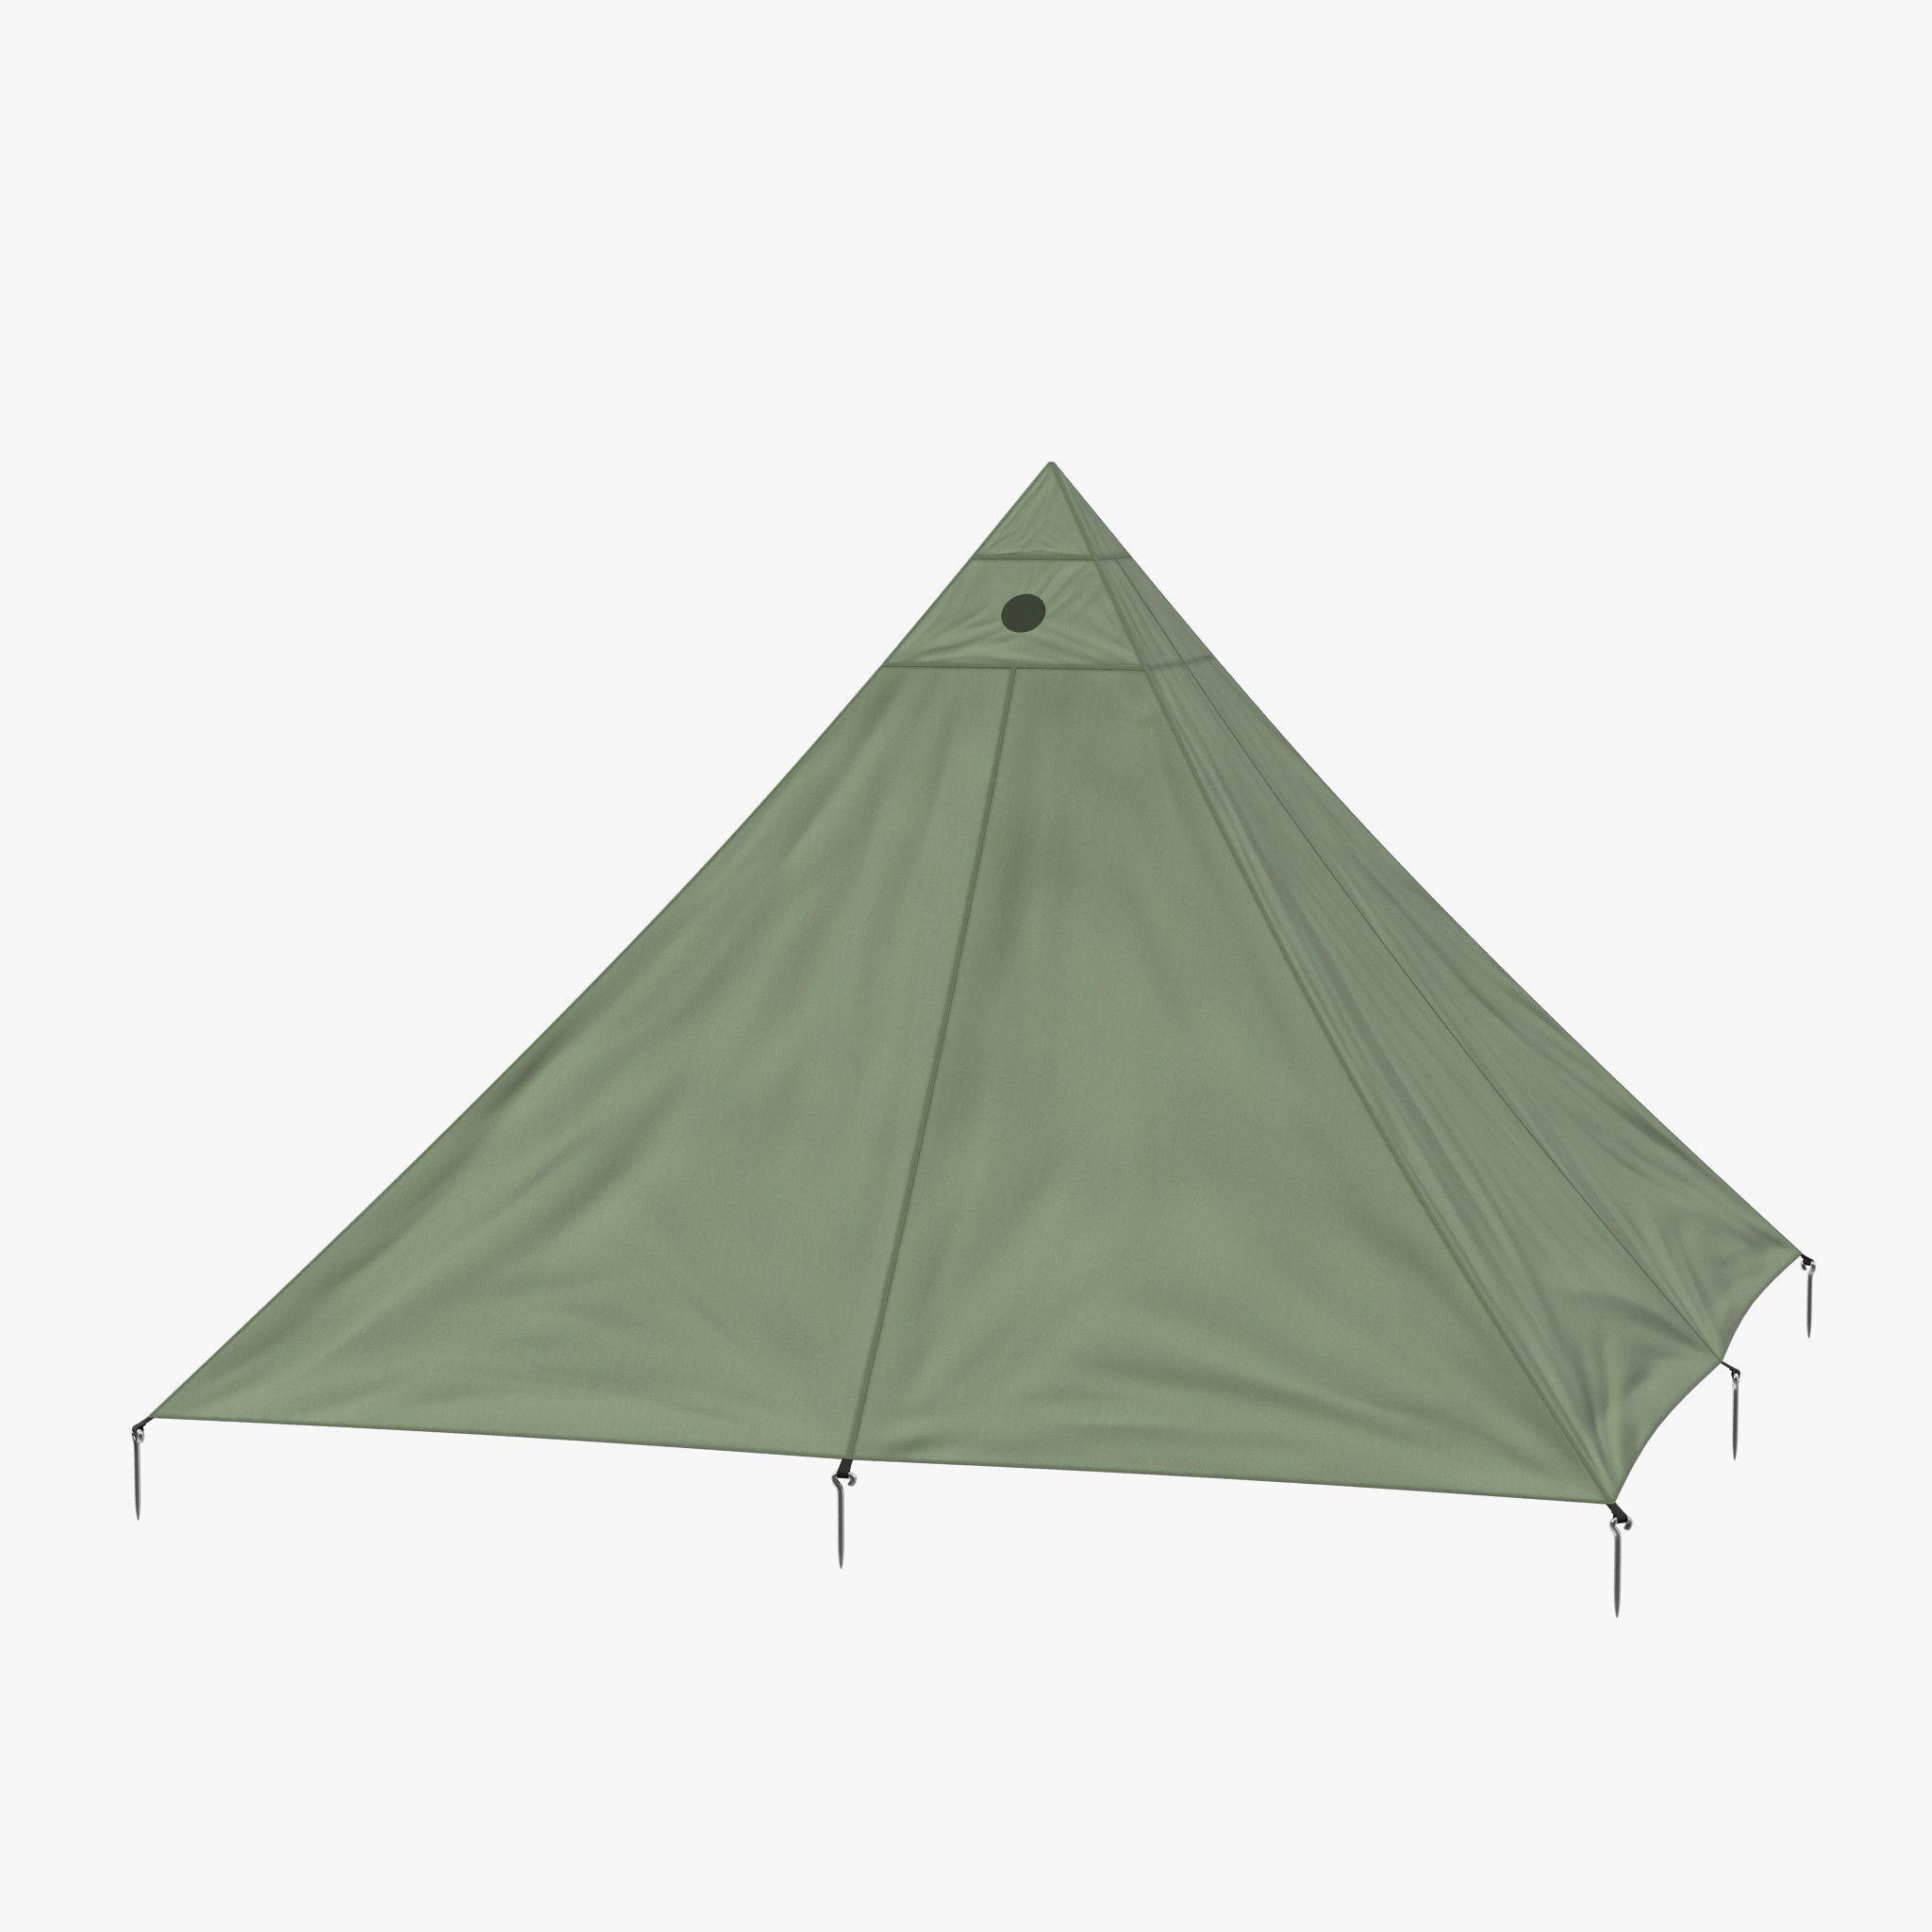 3D Model Floorless C&ing Light Tent - 3D Model  sc 1 st  Pinterest & 3D Model Floorless Camping Light Tent - 3D Model | 3D-Modeling ...